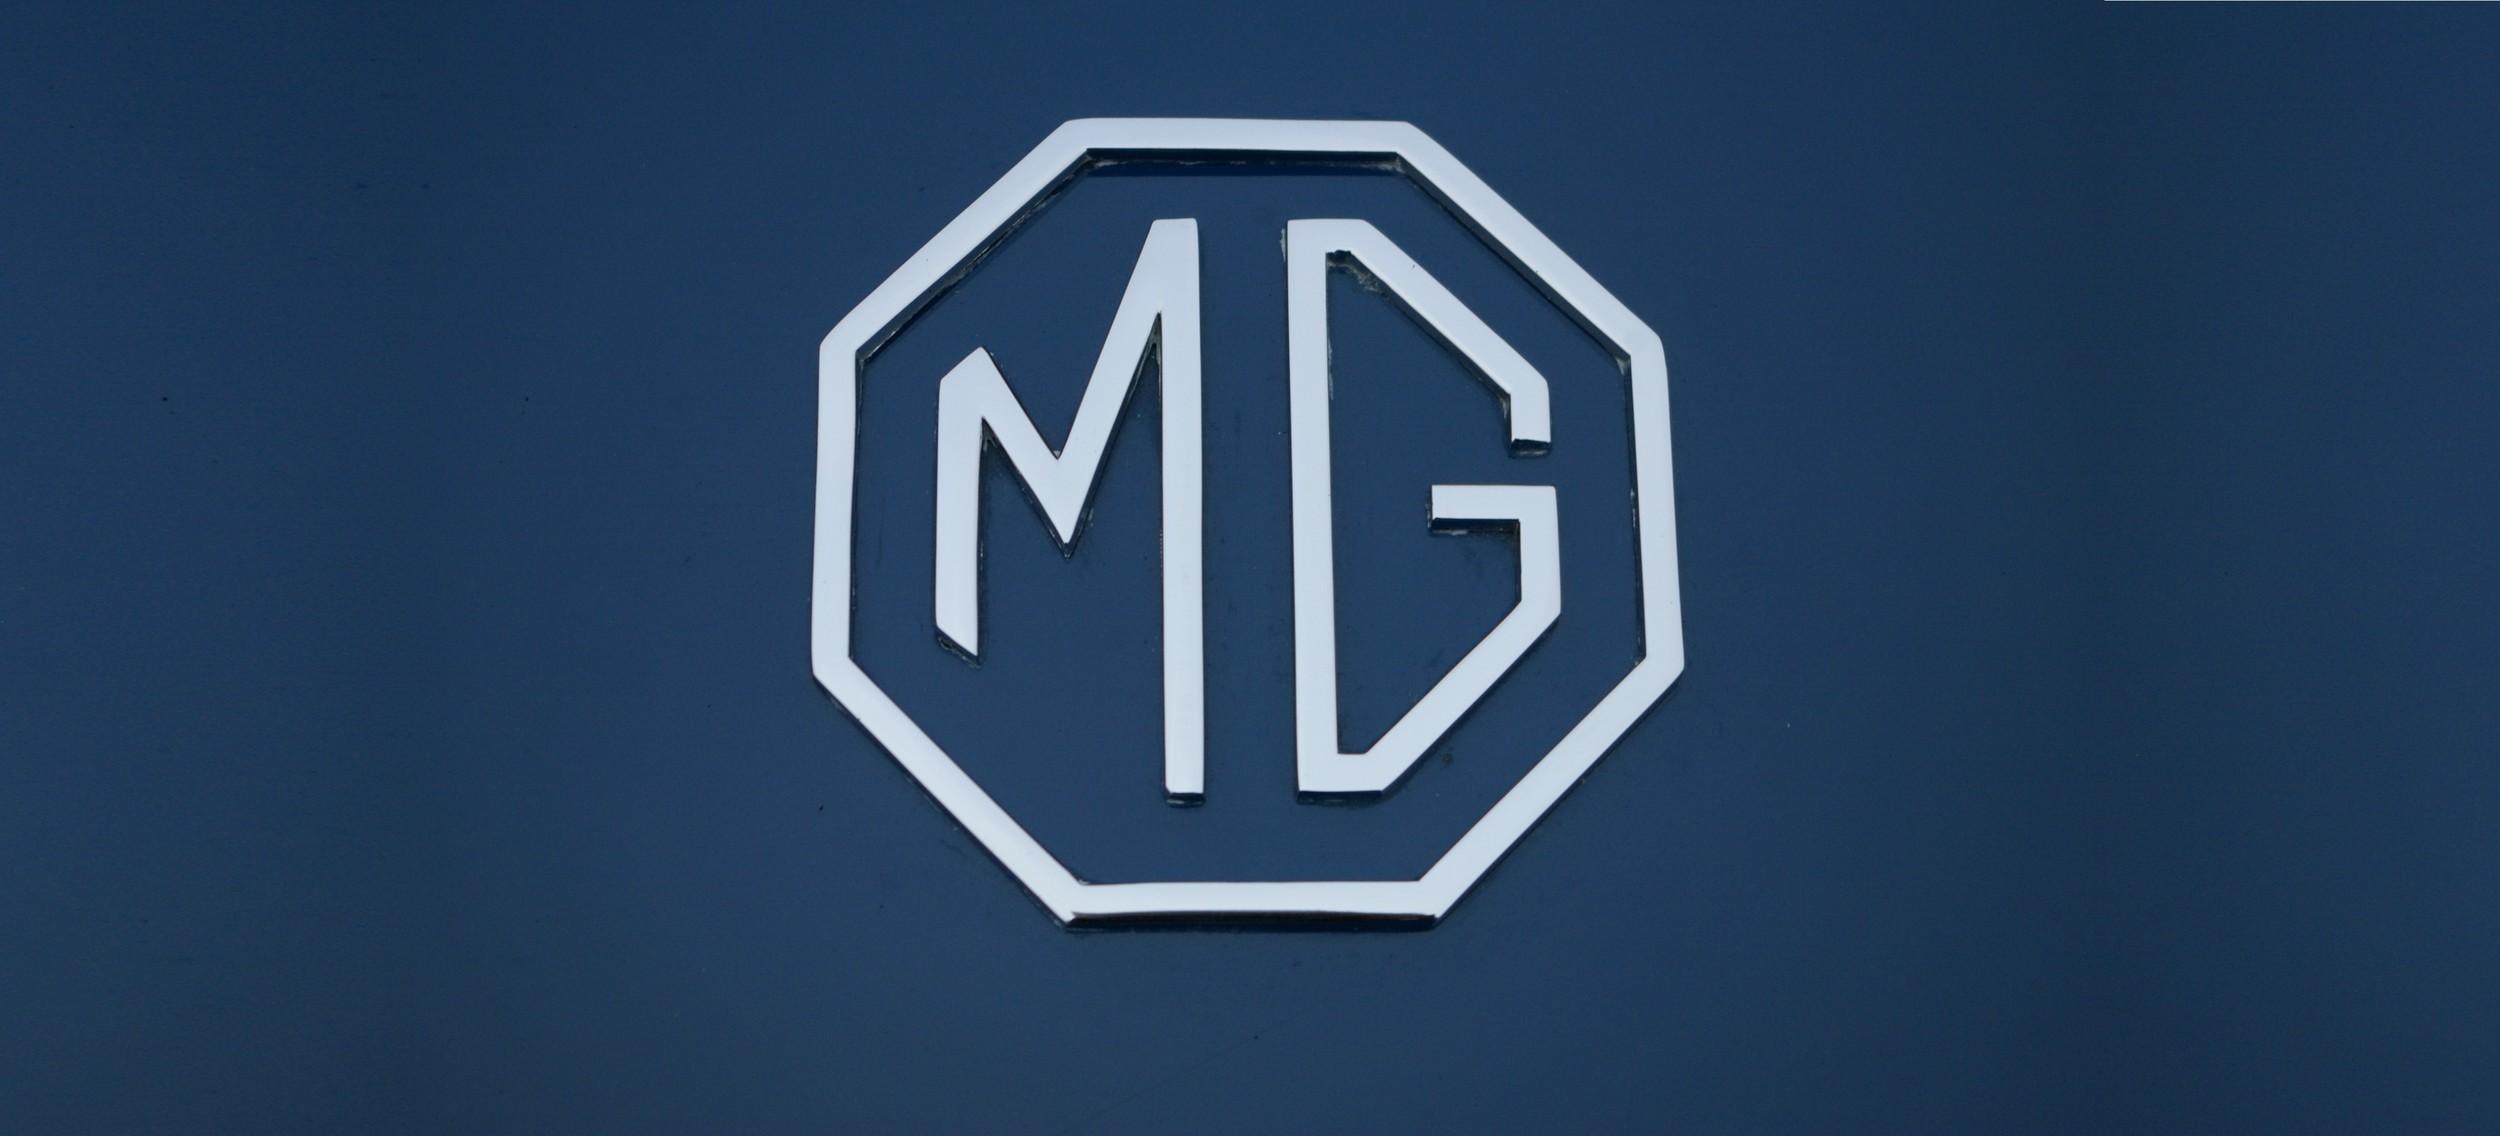 MG_2.jpg